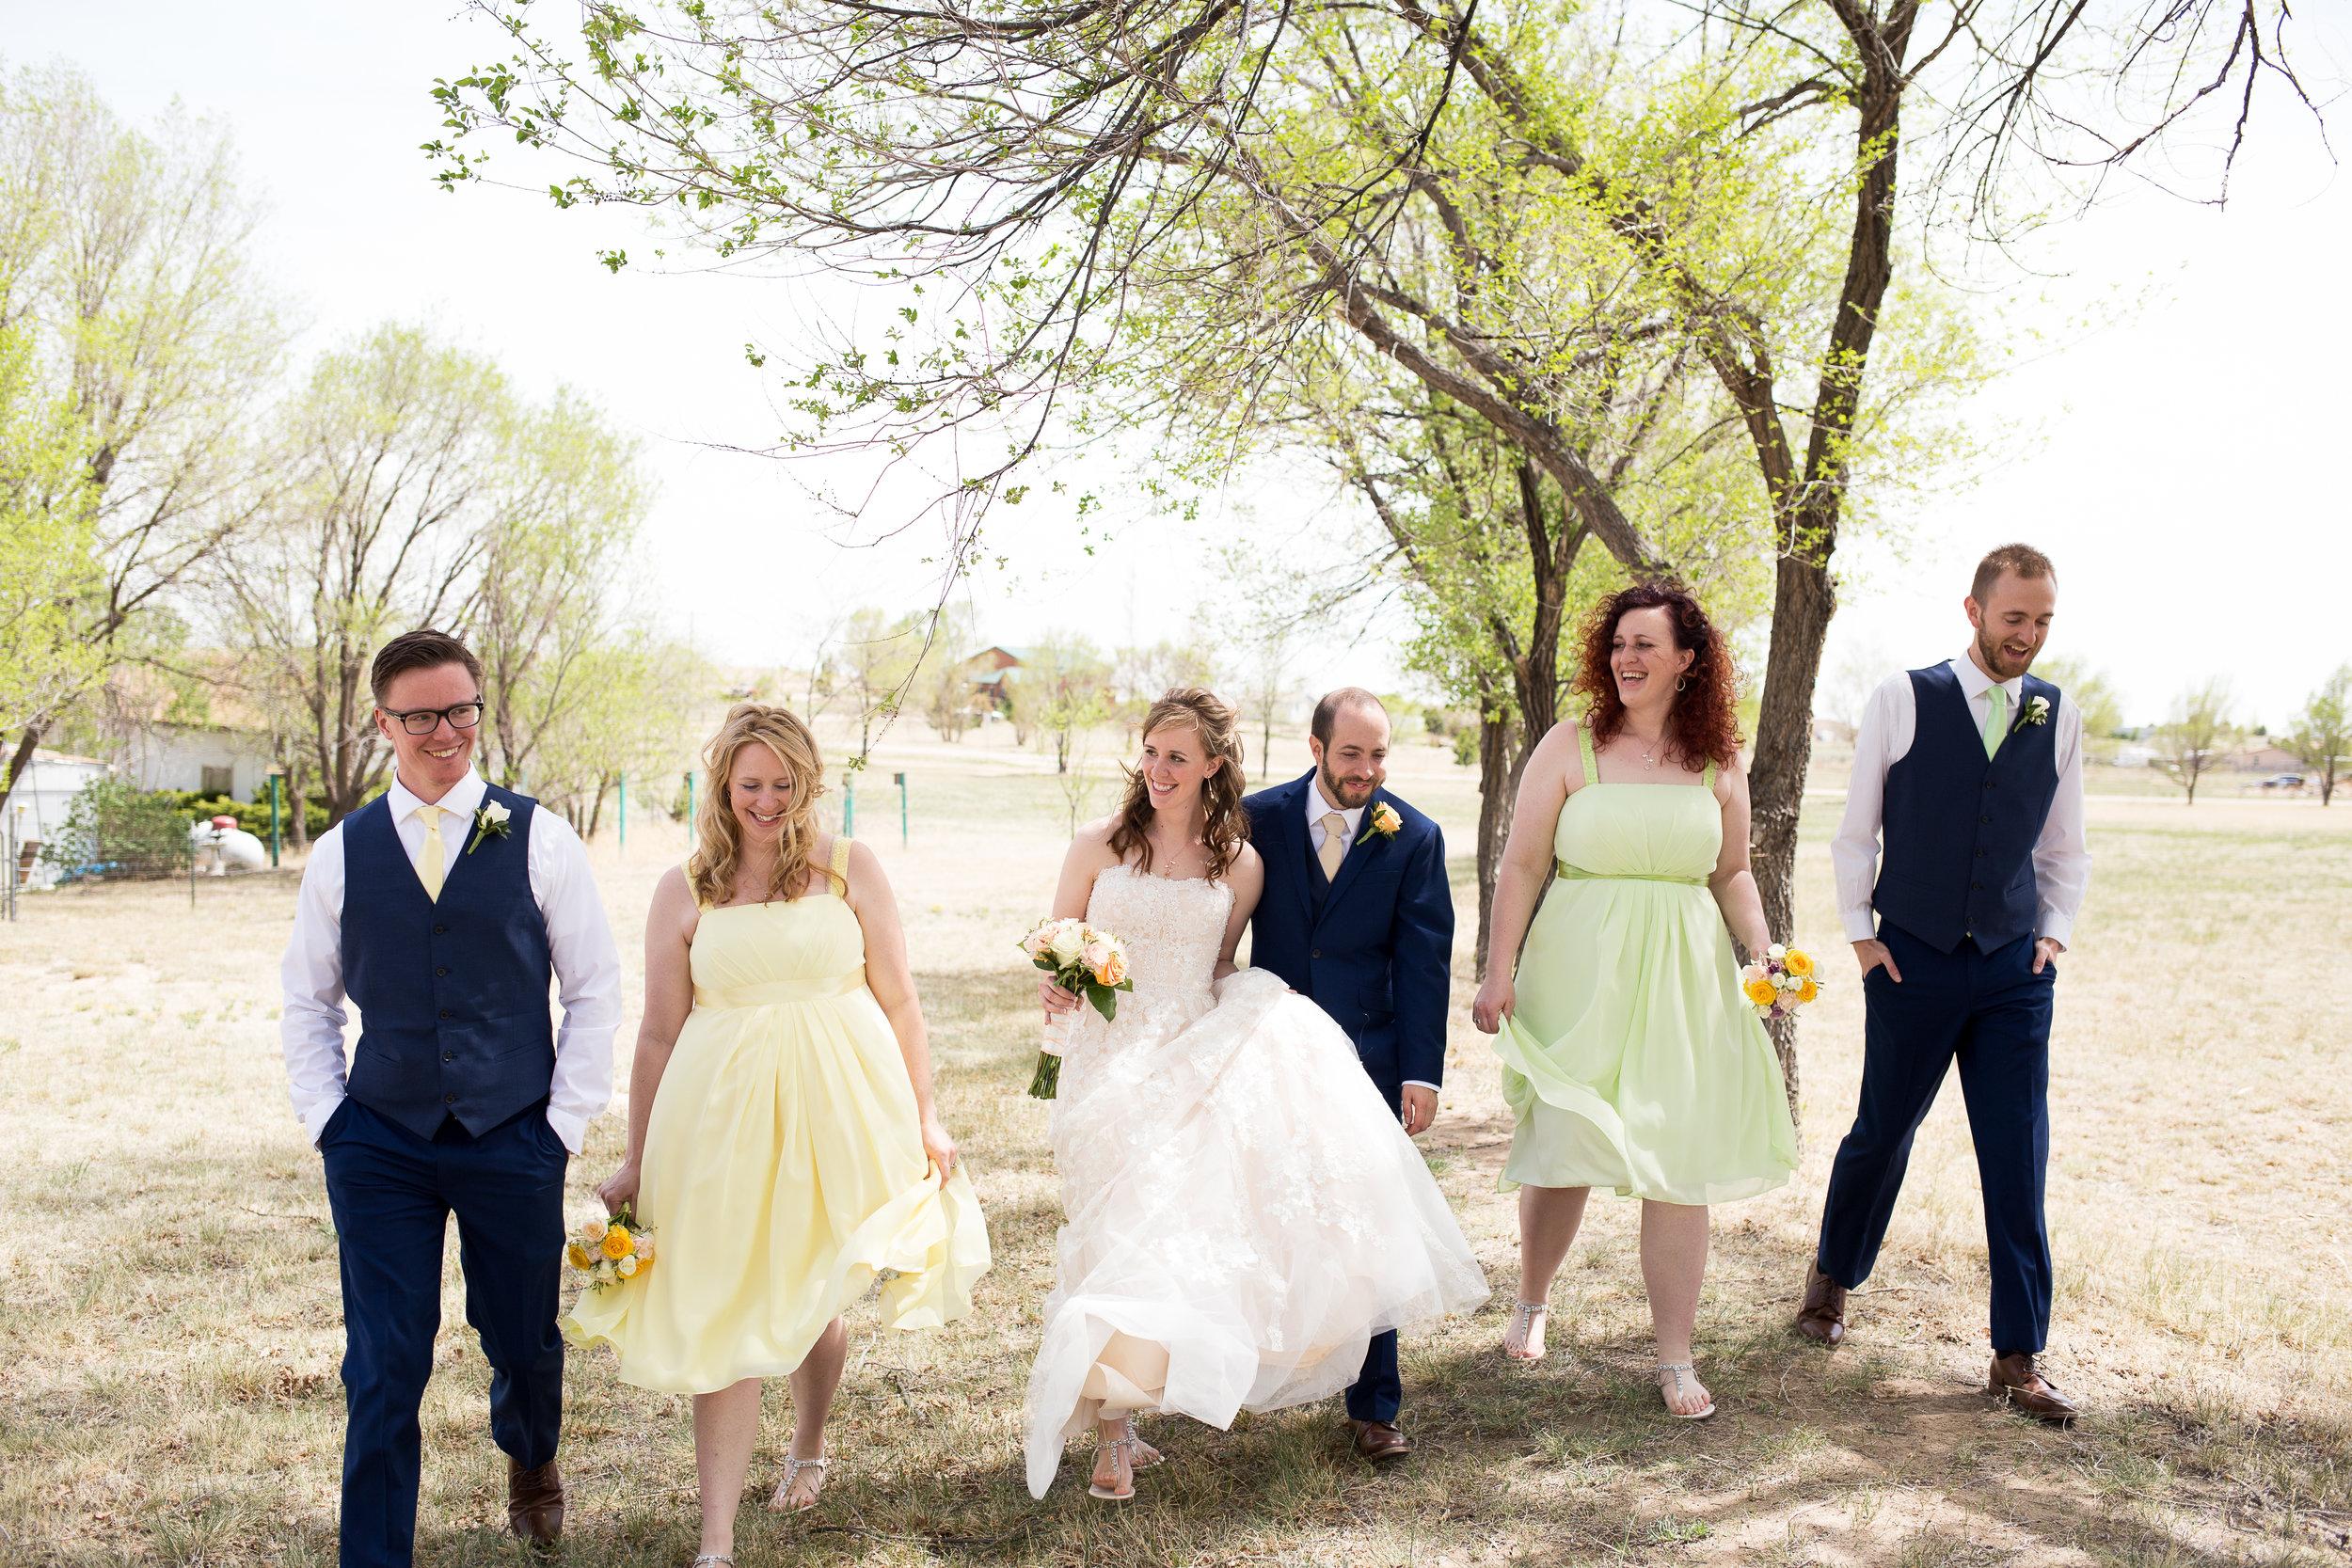 Spring wedding Colorado Springs bridal party Stacy Carosa Photography